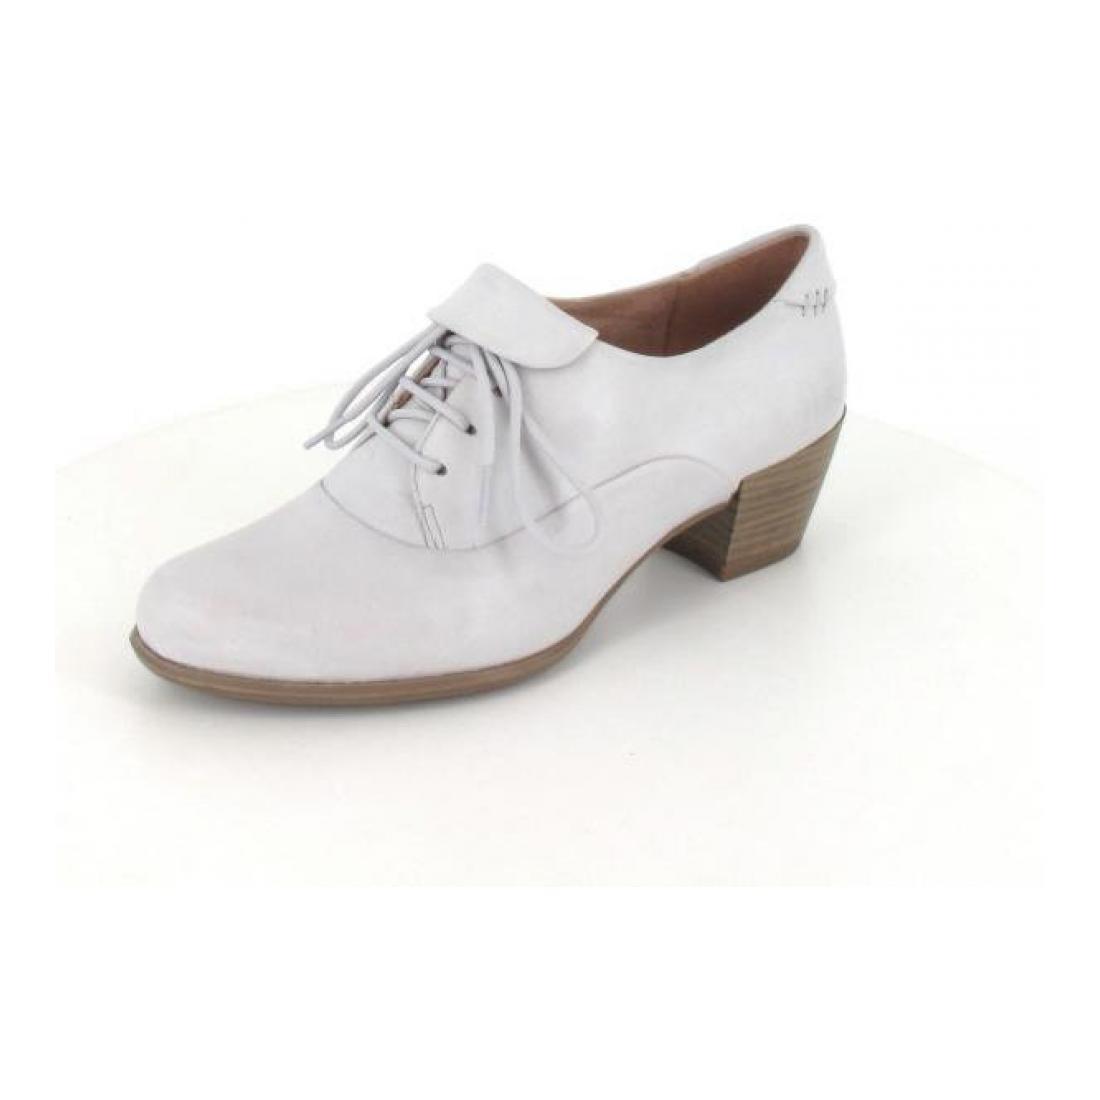 Tamaris Schnürpumps Pumps Schnürer Schuhe Ankle Boots Echt